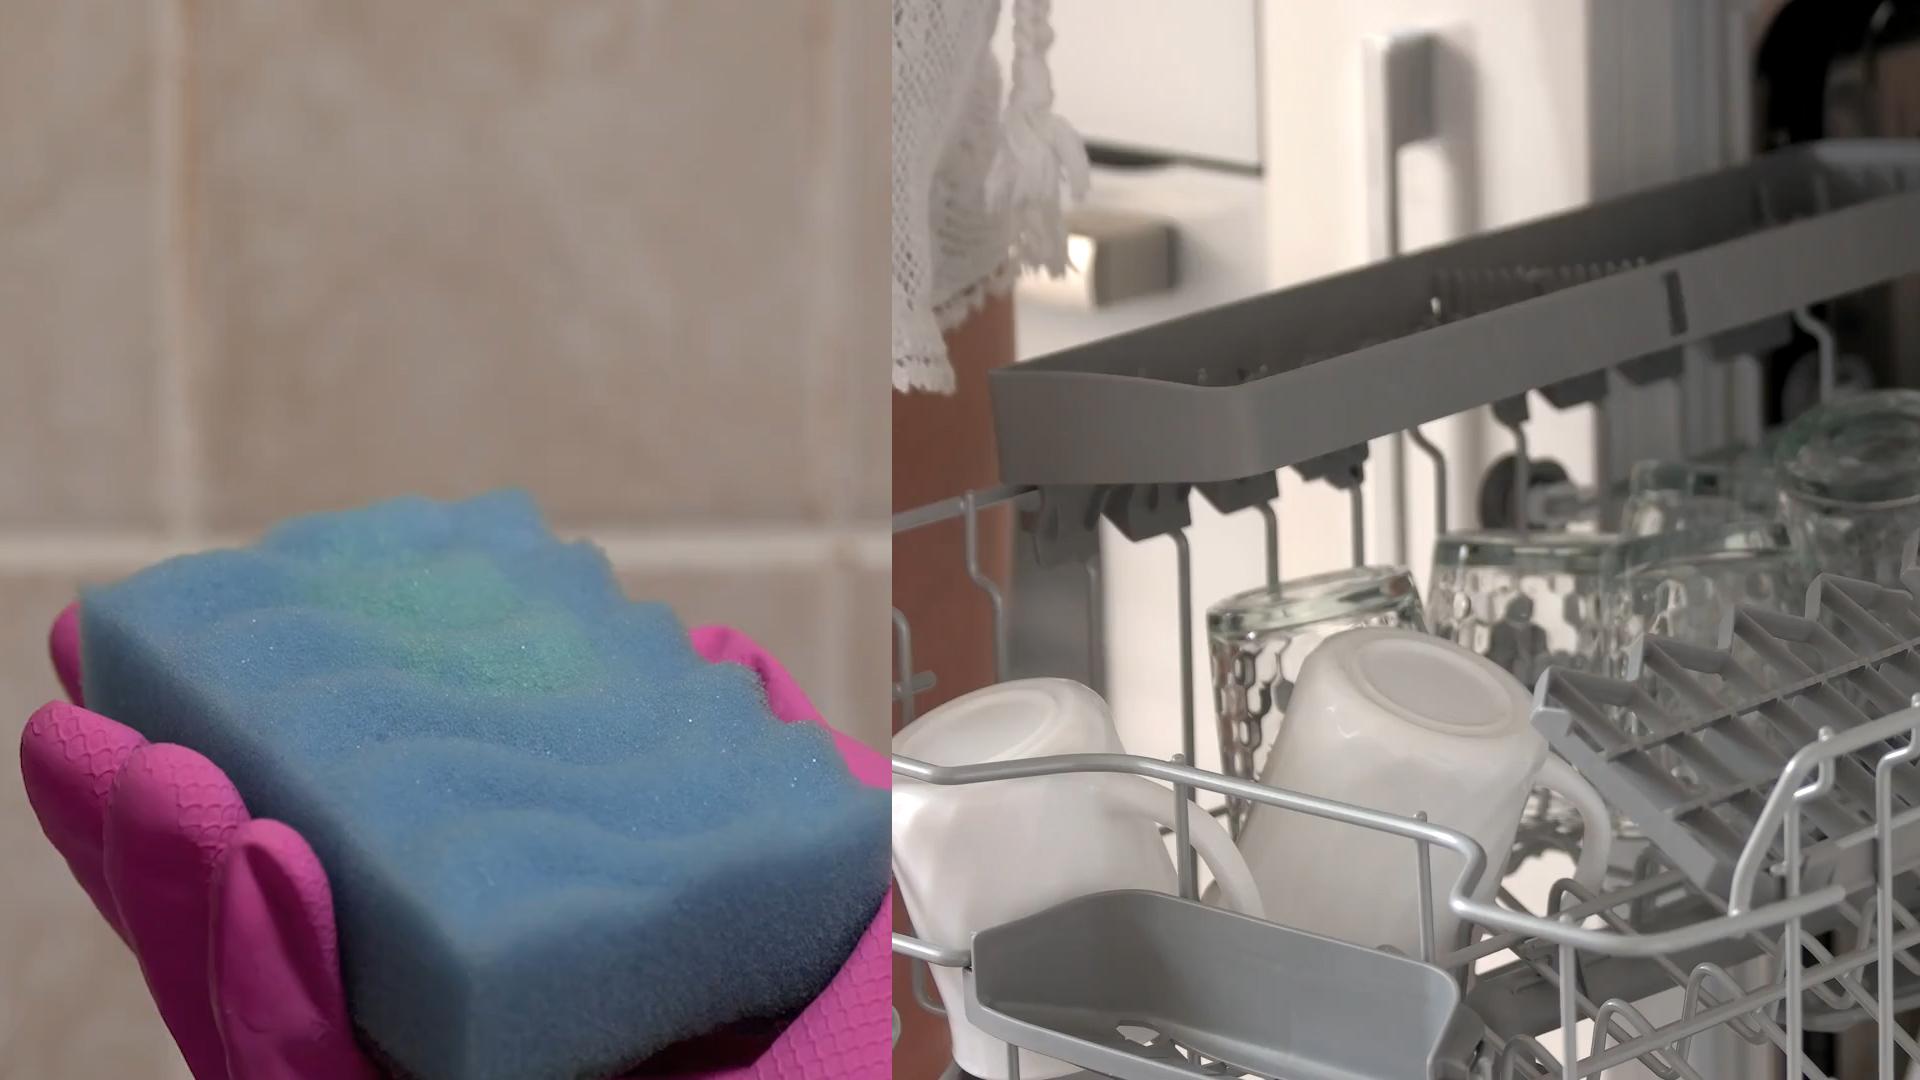 5 przedmiotów, które warto myć w zmywarce. Mało kto o tym wie